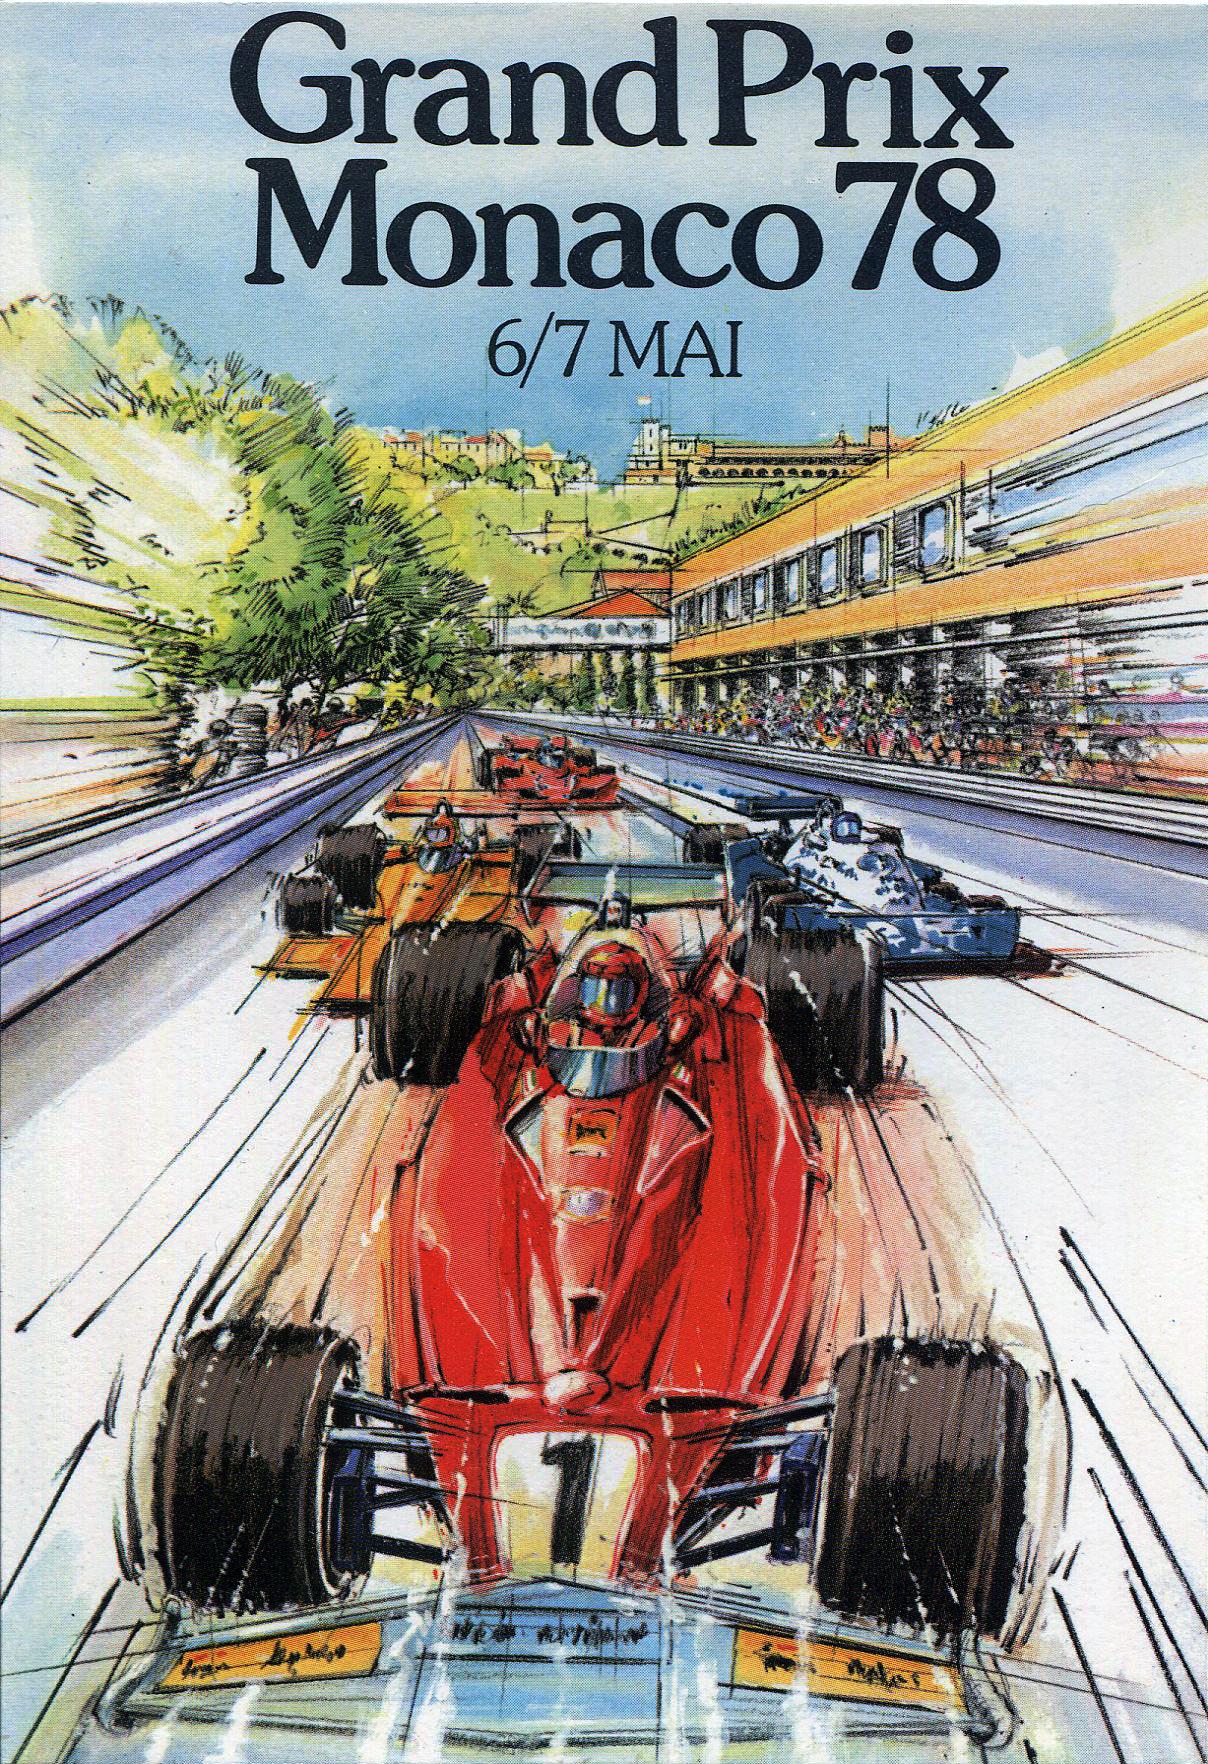 Grand Prix of Monaco poster